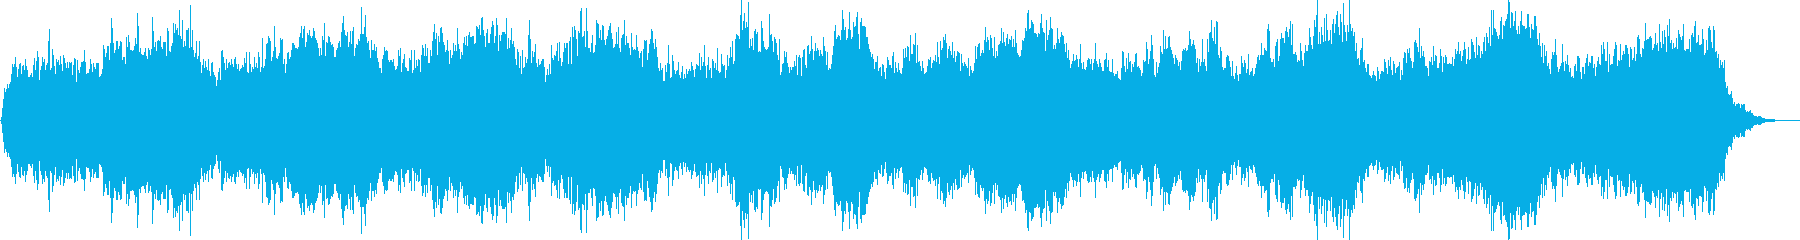 ヒーリング向けの優しく壮大なアンビエントの再生済みの波形